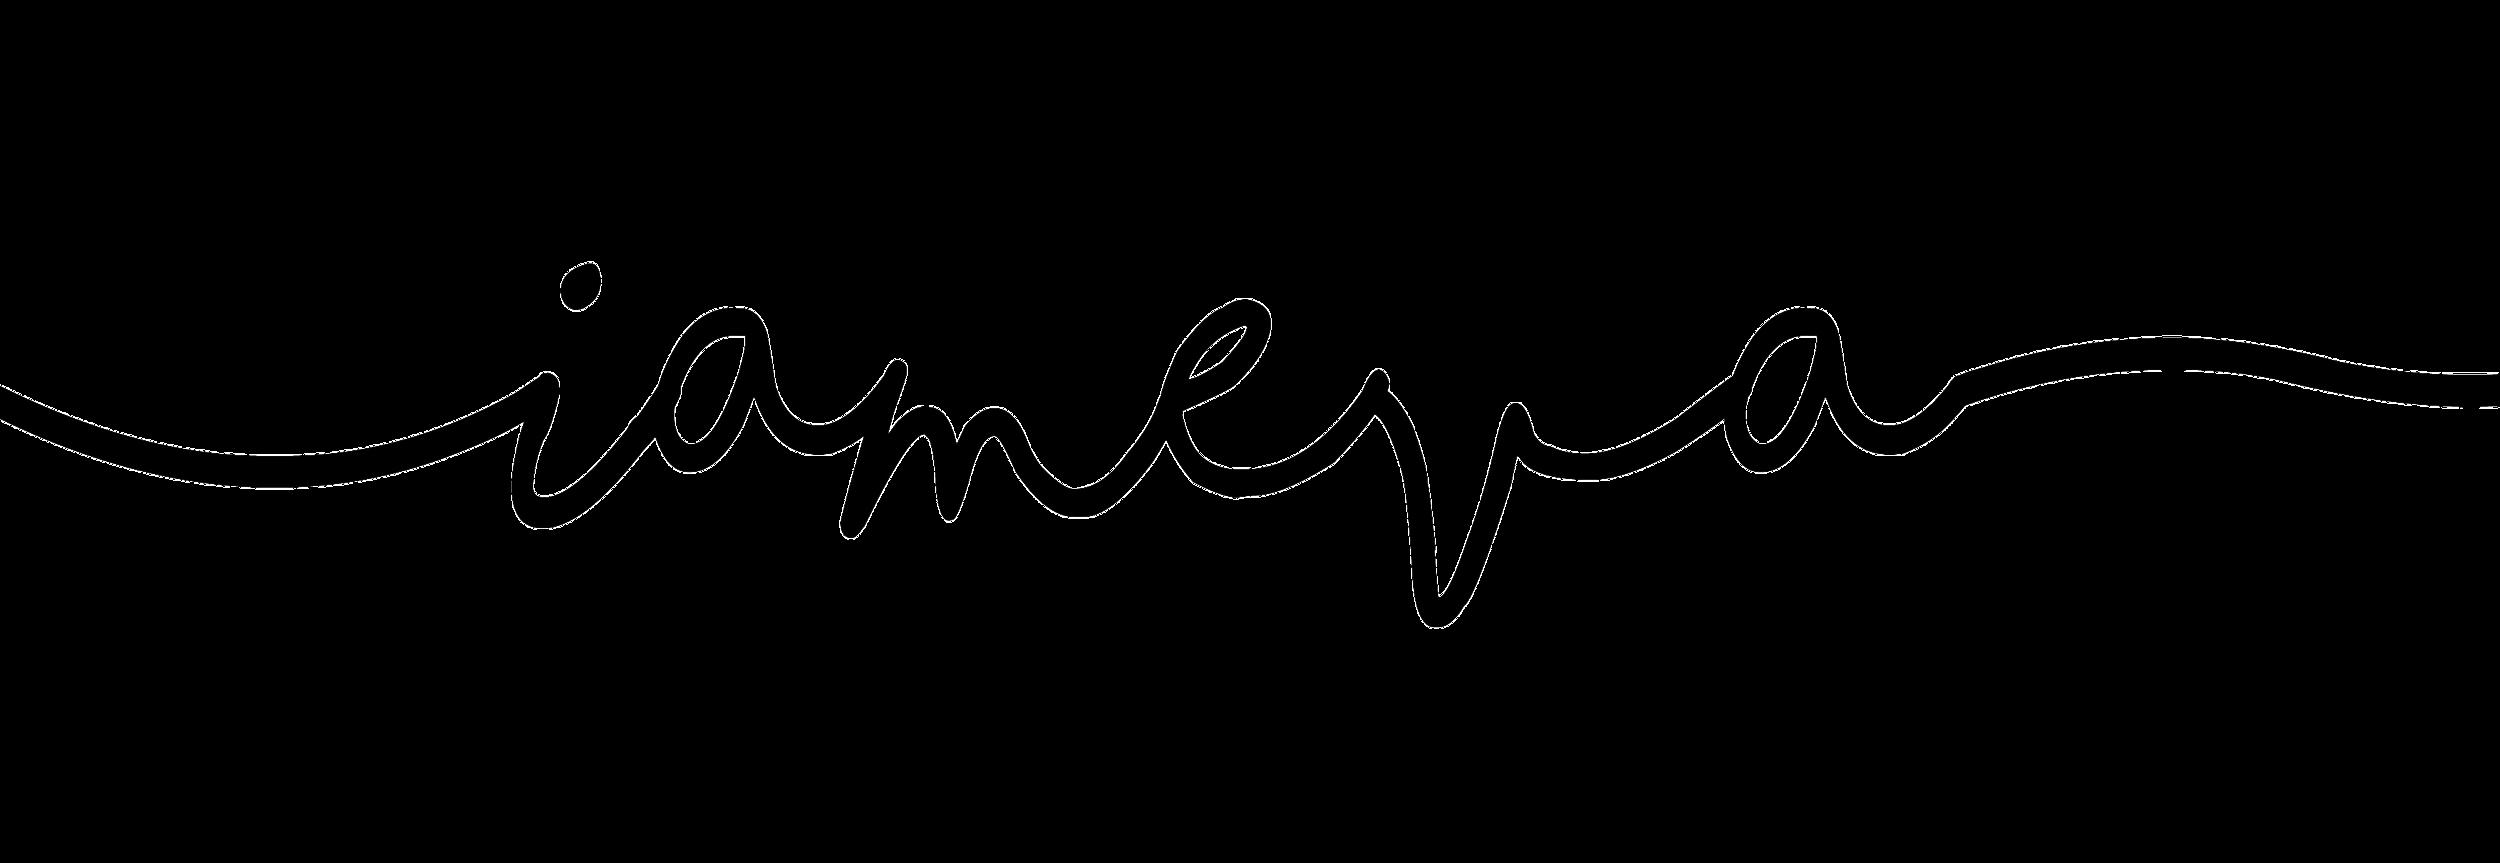 I am eva logo black.png